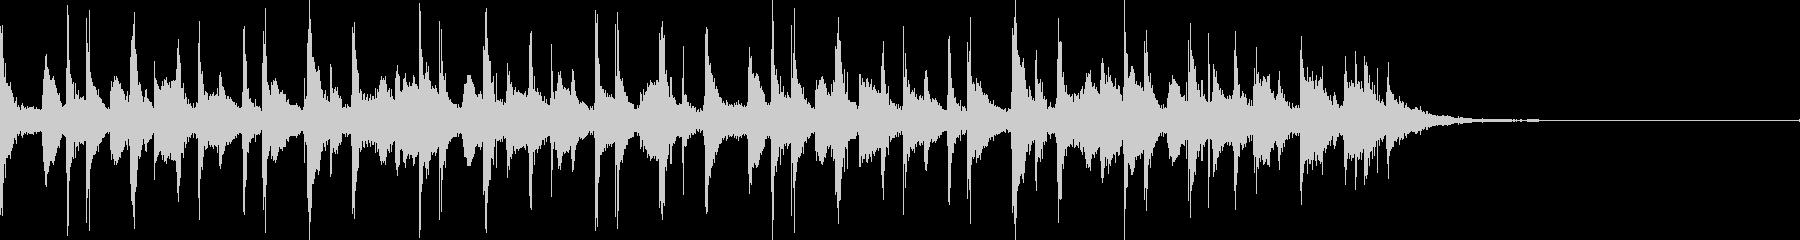 カリビアンジングル1(OP系)の未再生の波形